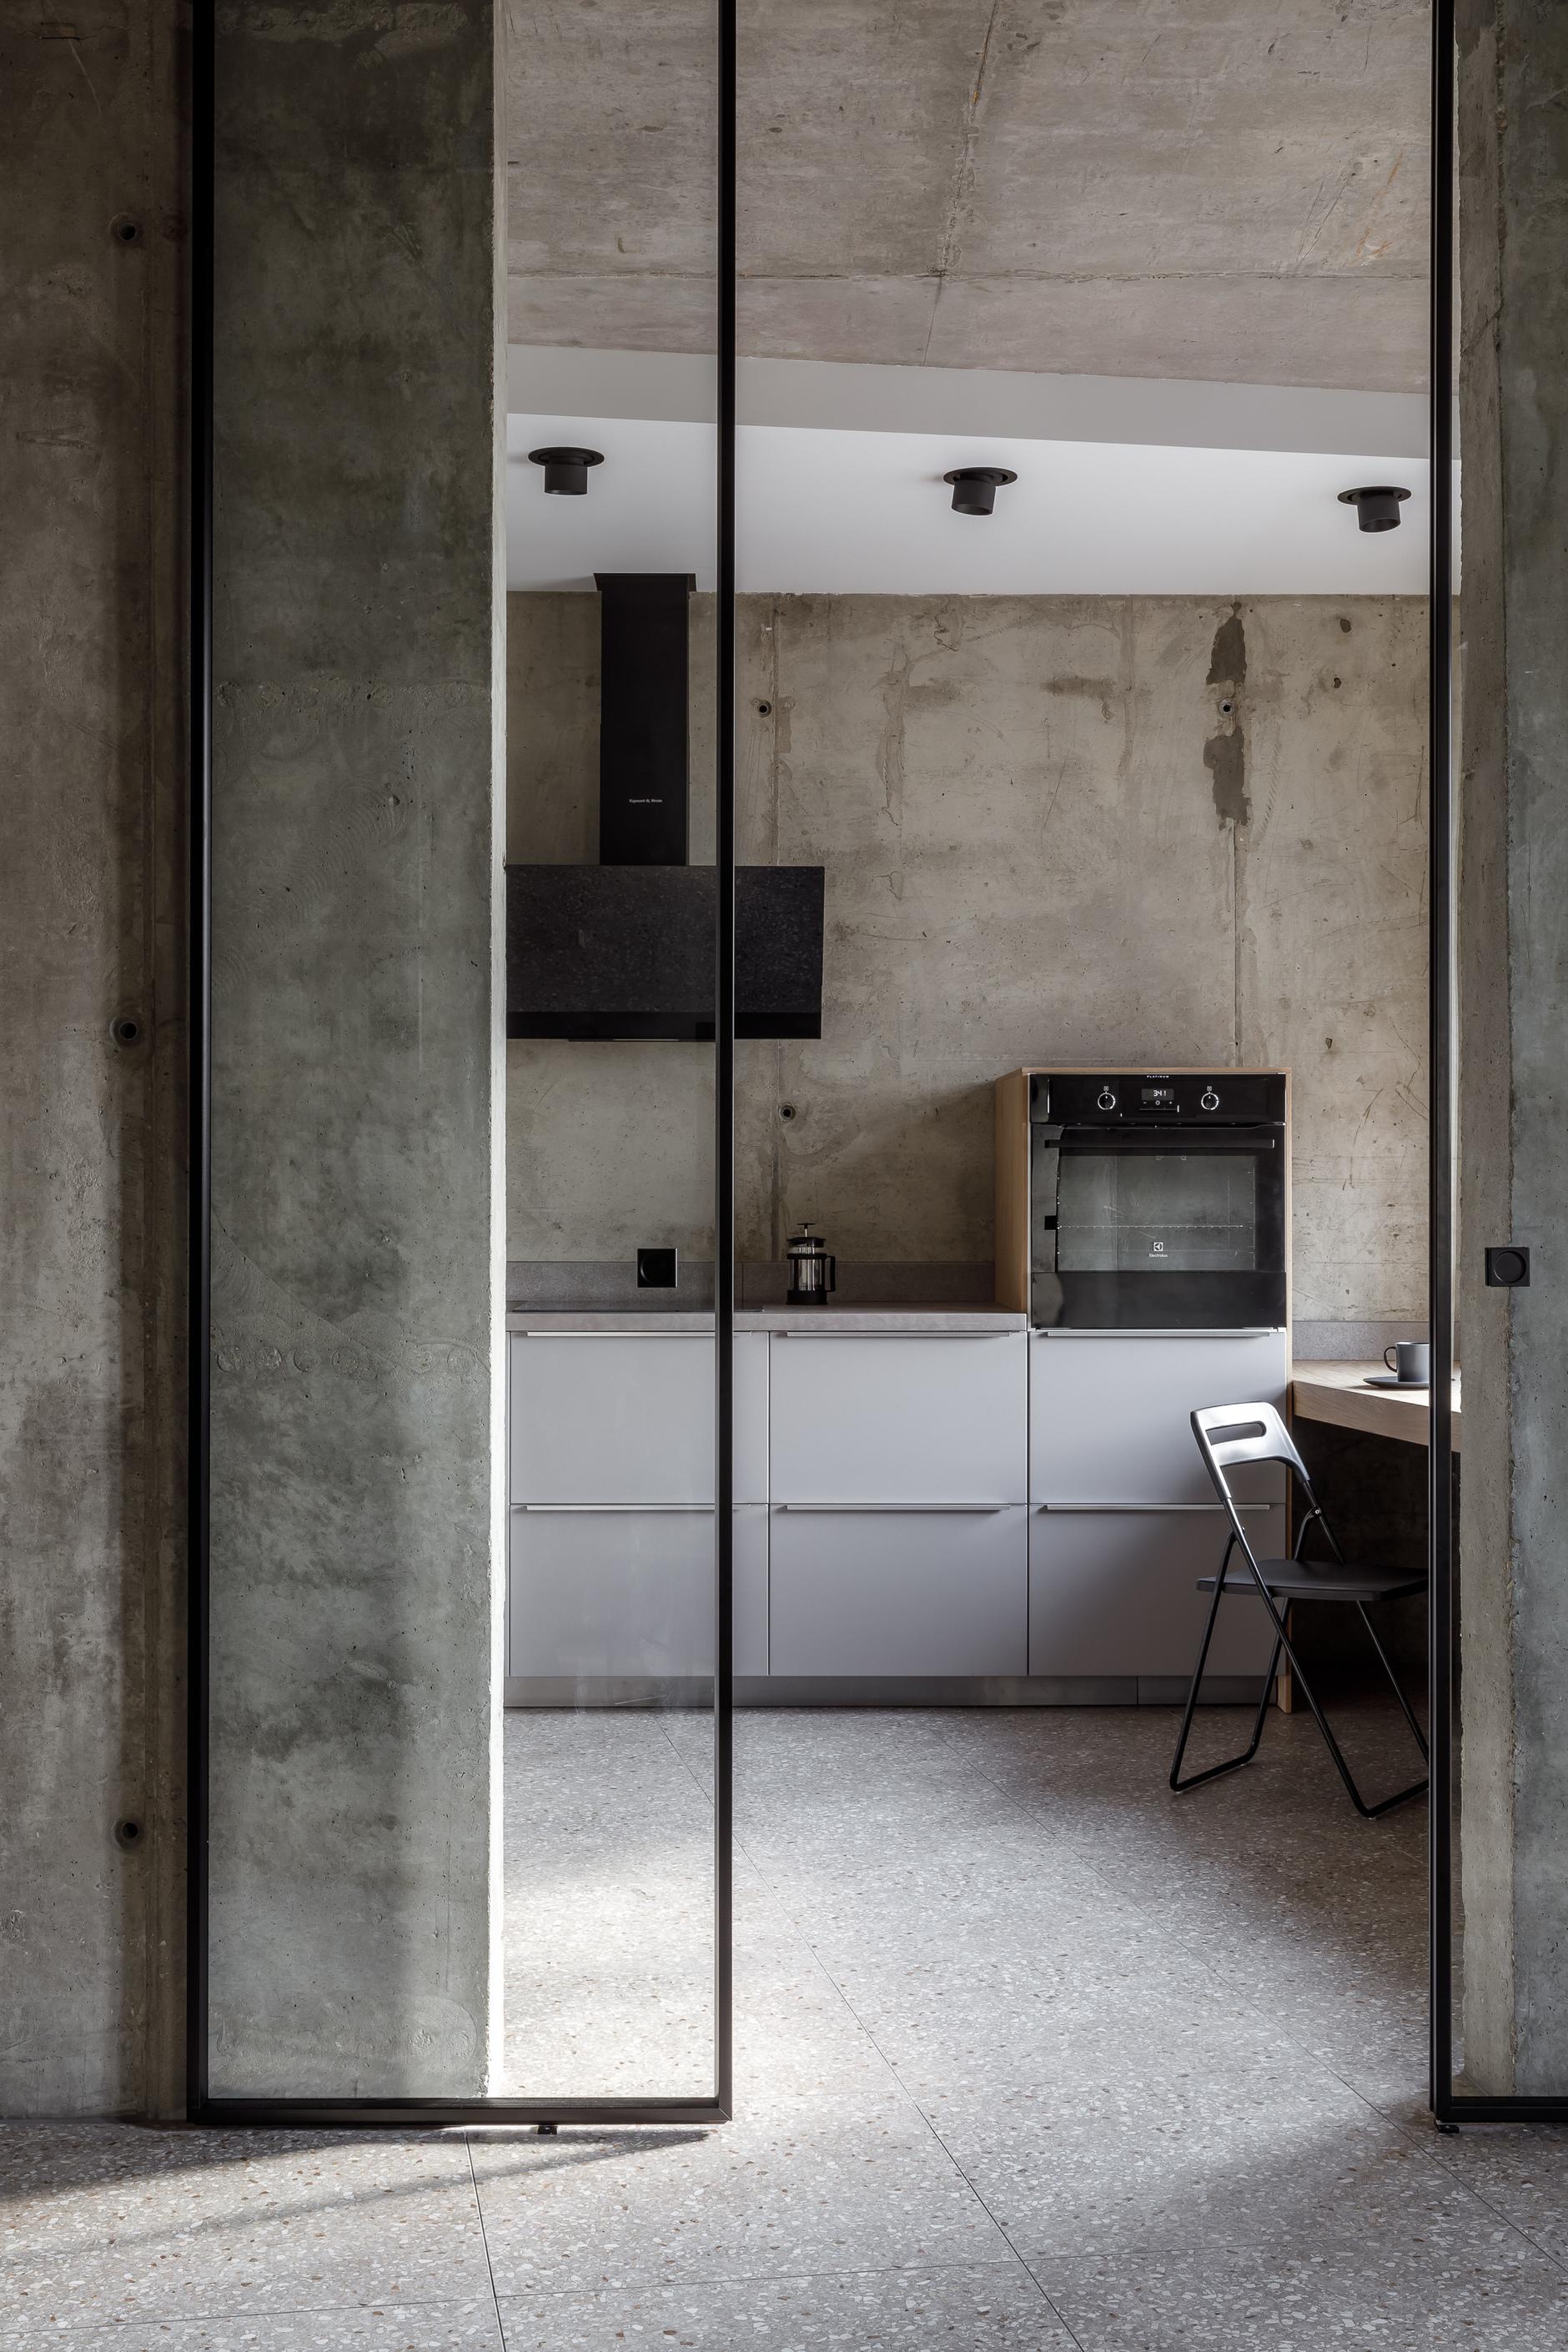 Элли бетон строительства дома из керамзитобетона своими руками